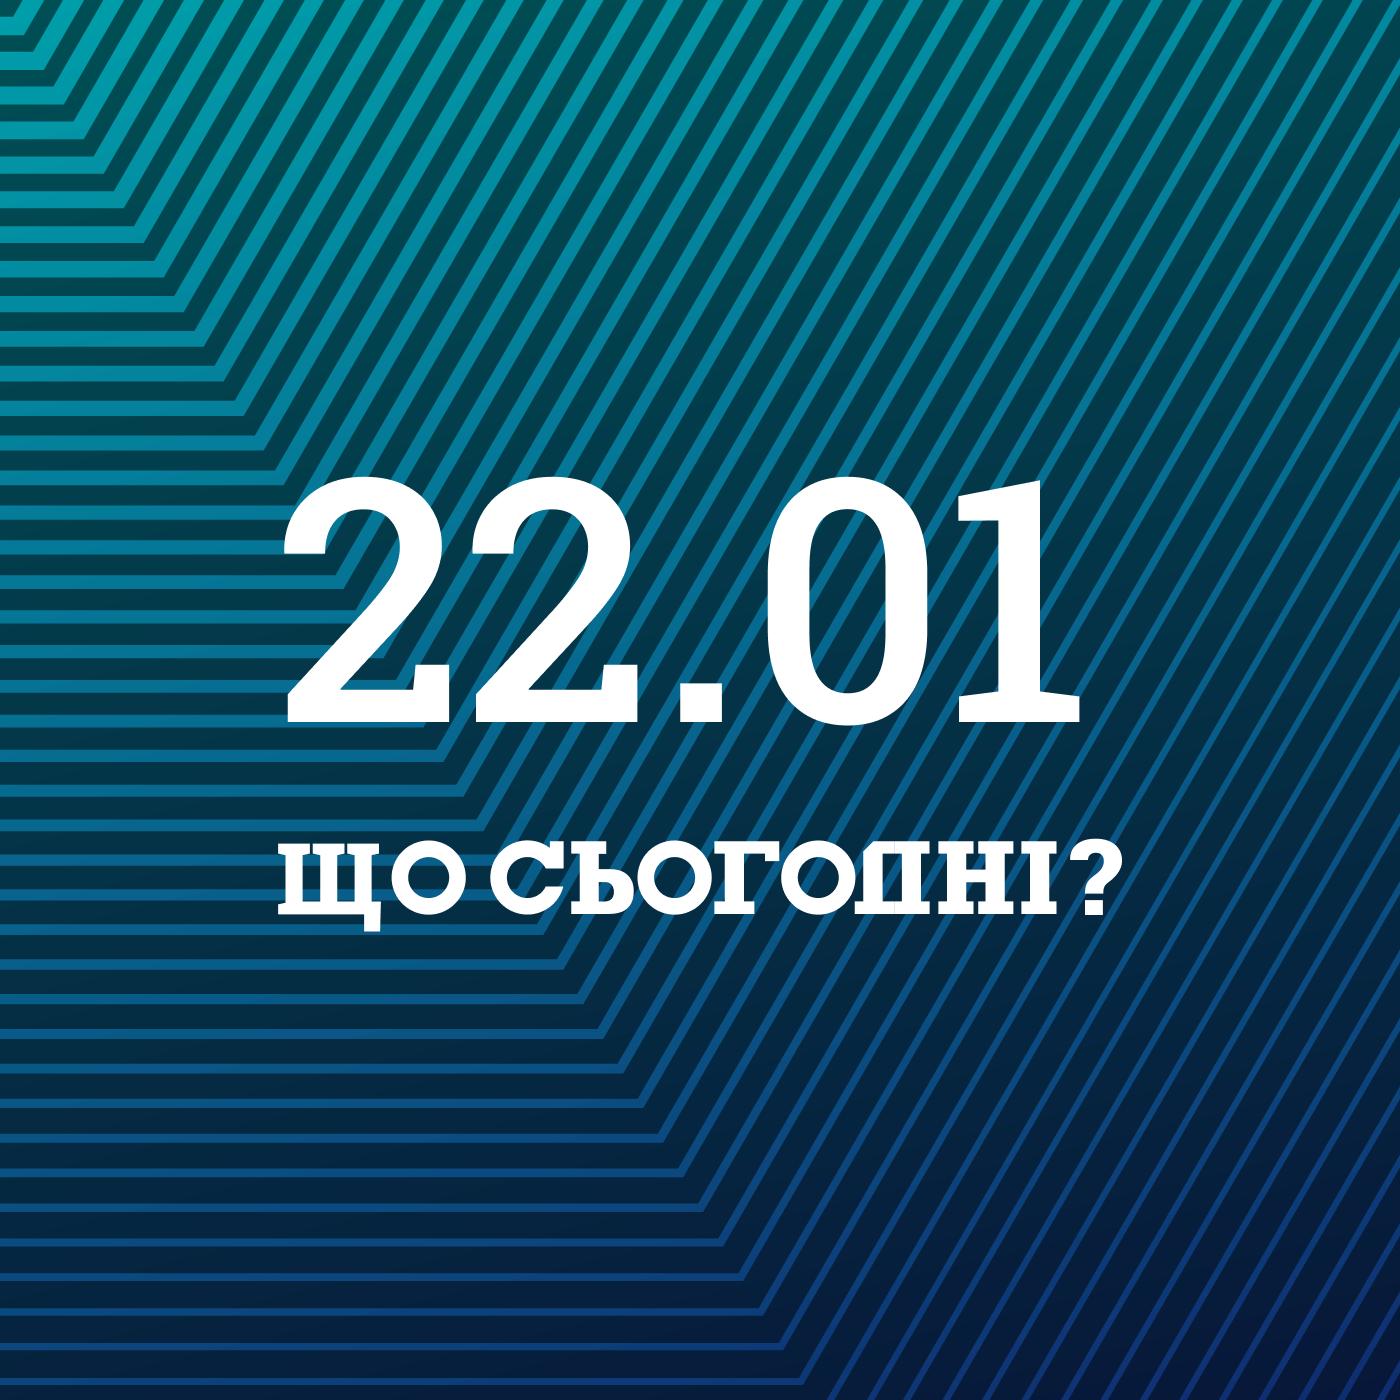 Що Сьогодні: День Соборності, загострення на Донбасі, підсумки локдауна